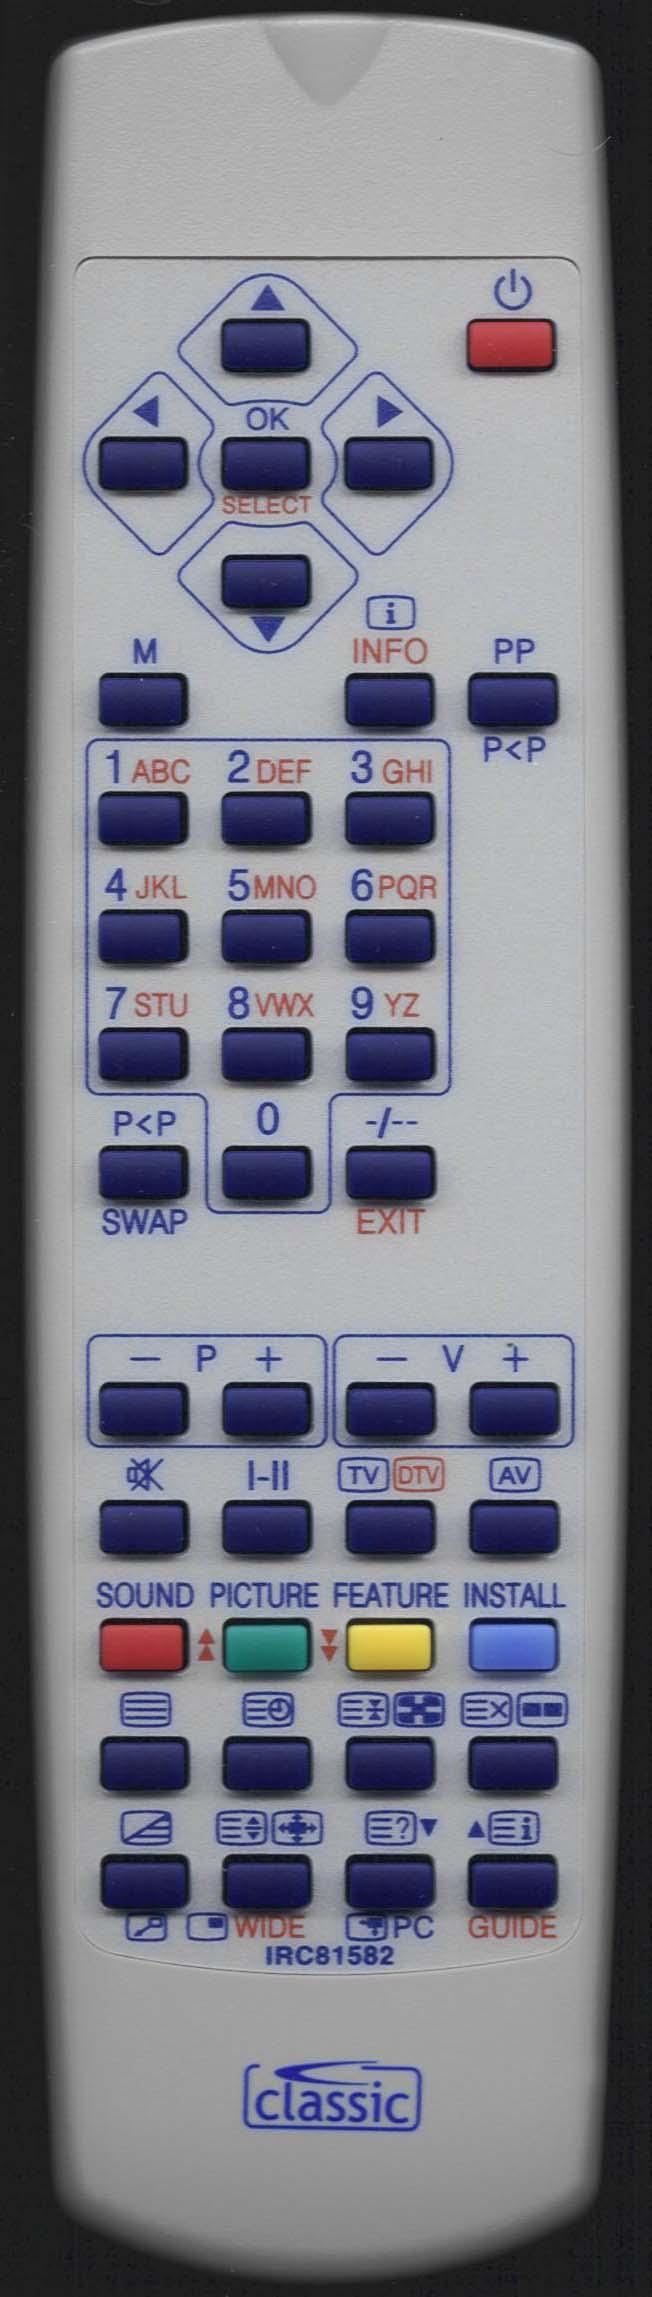 PROLINE LD2640HD Remote Control Alternative